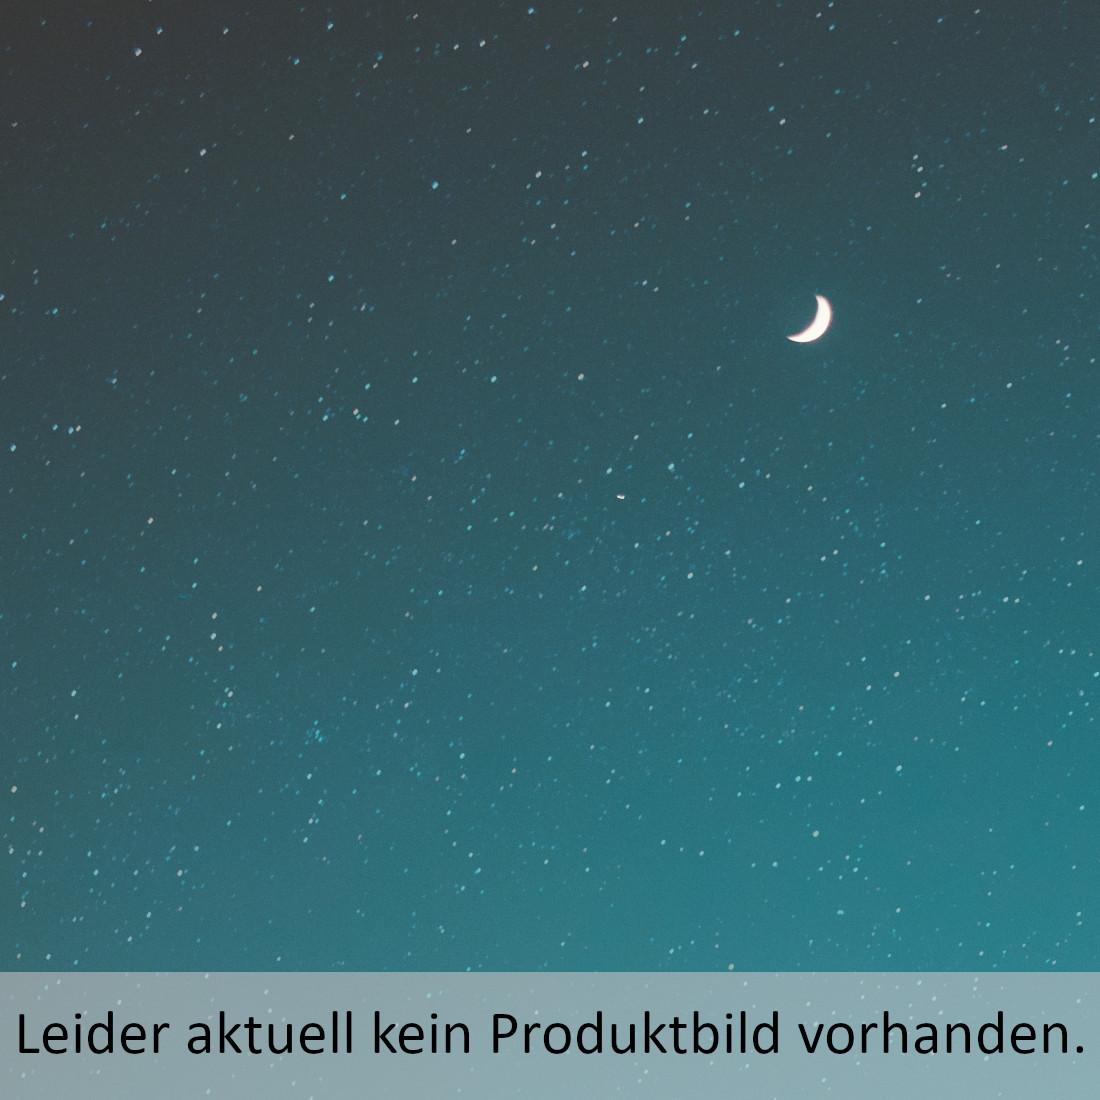 Neukirchener Kalender 2019 - Abreißkalender